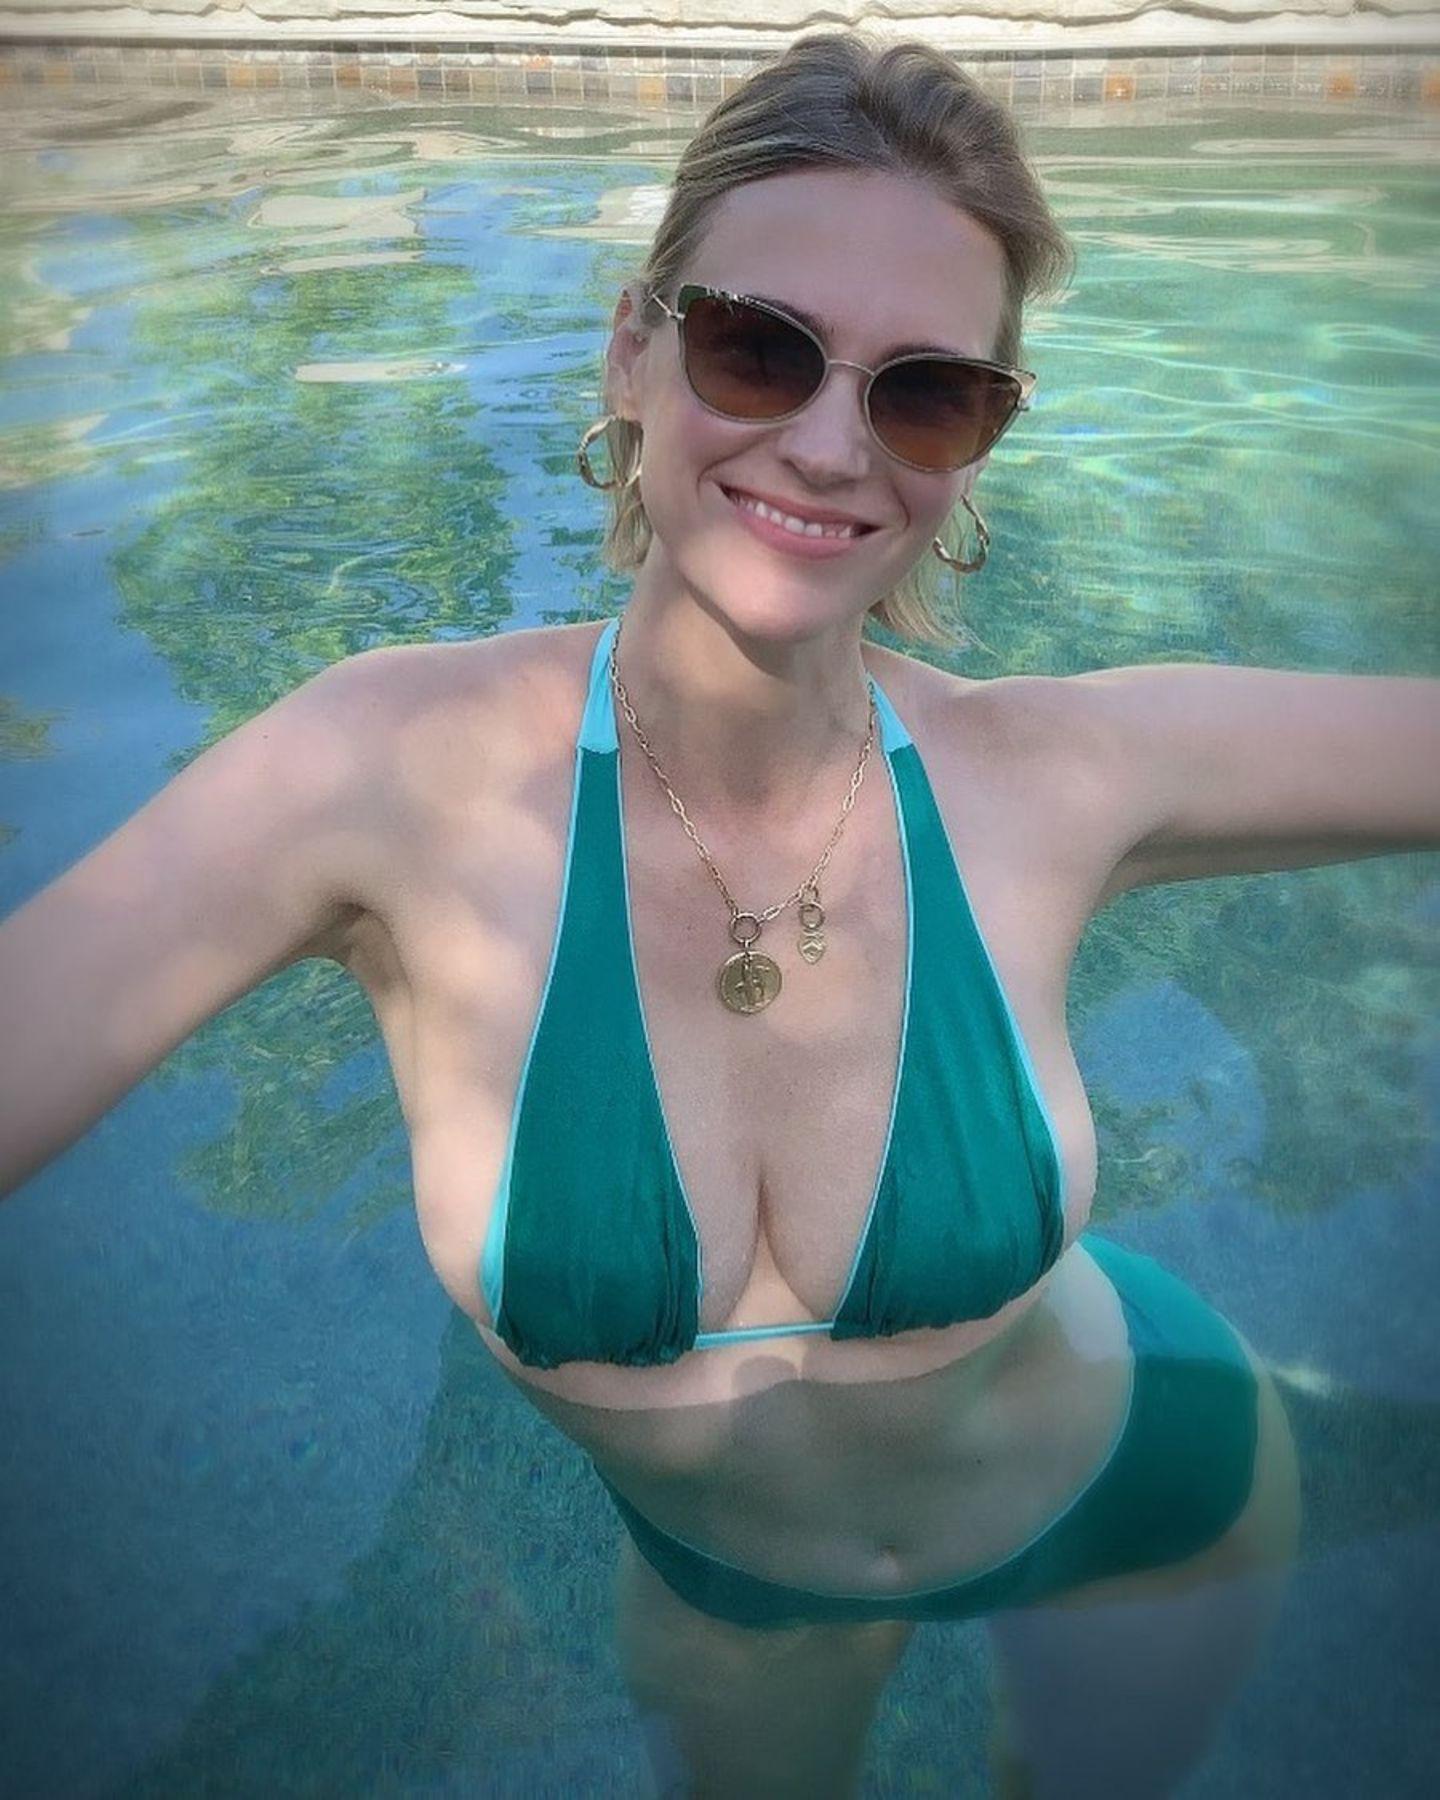 """Schauspielerin January Jones nutzt die Zeit in Quarantäne für ein paar Runden im Pool.Dass die 42-Jährigein Topform ist beweist sie mit diesem Bikini-Schnappschuss. Ihre Fans fragen sich unter dem Bild: """"Warum alterst du einfach nicht?"""" Wie sie das macht, würden wir auch gerne wissen.Wow!"""